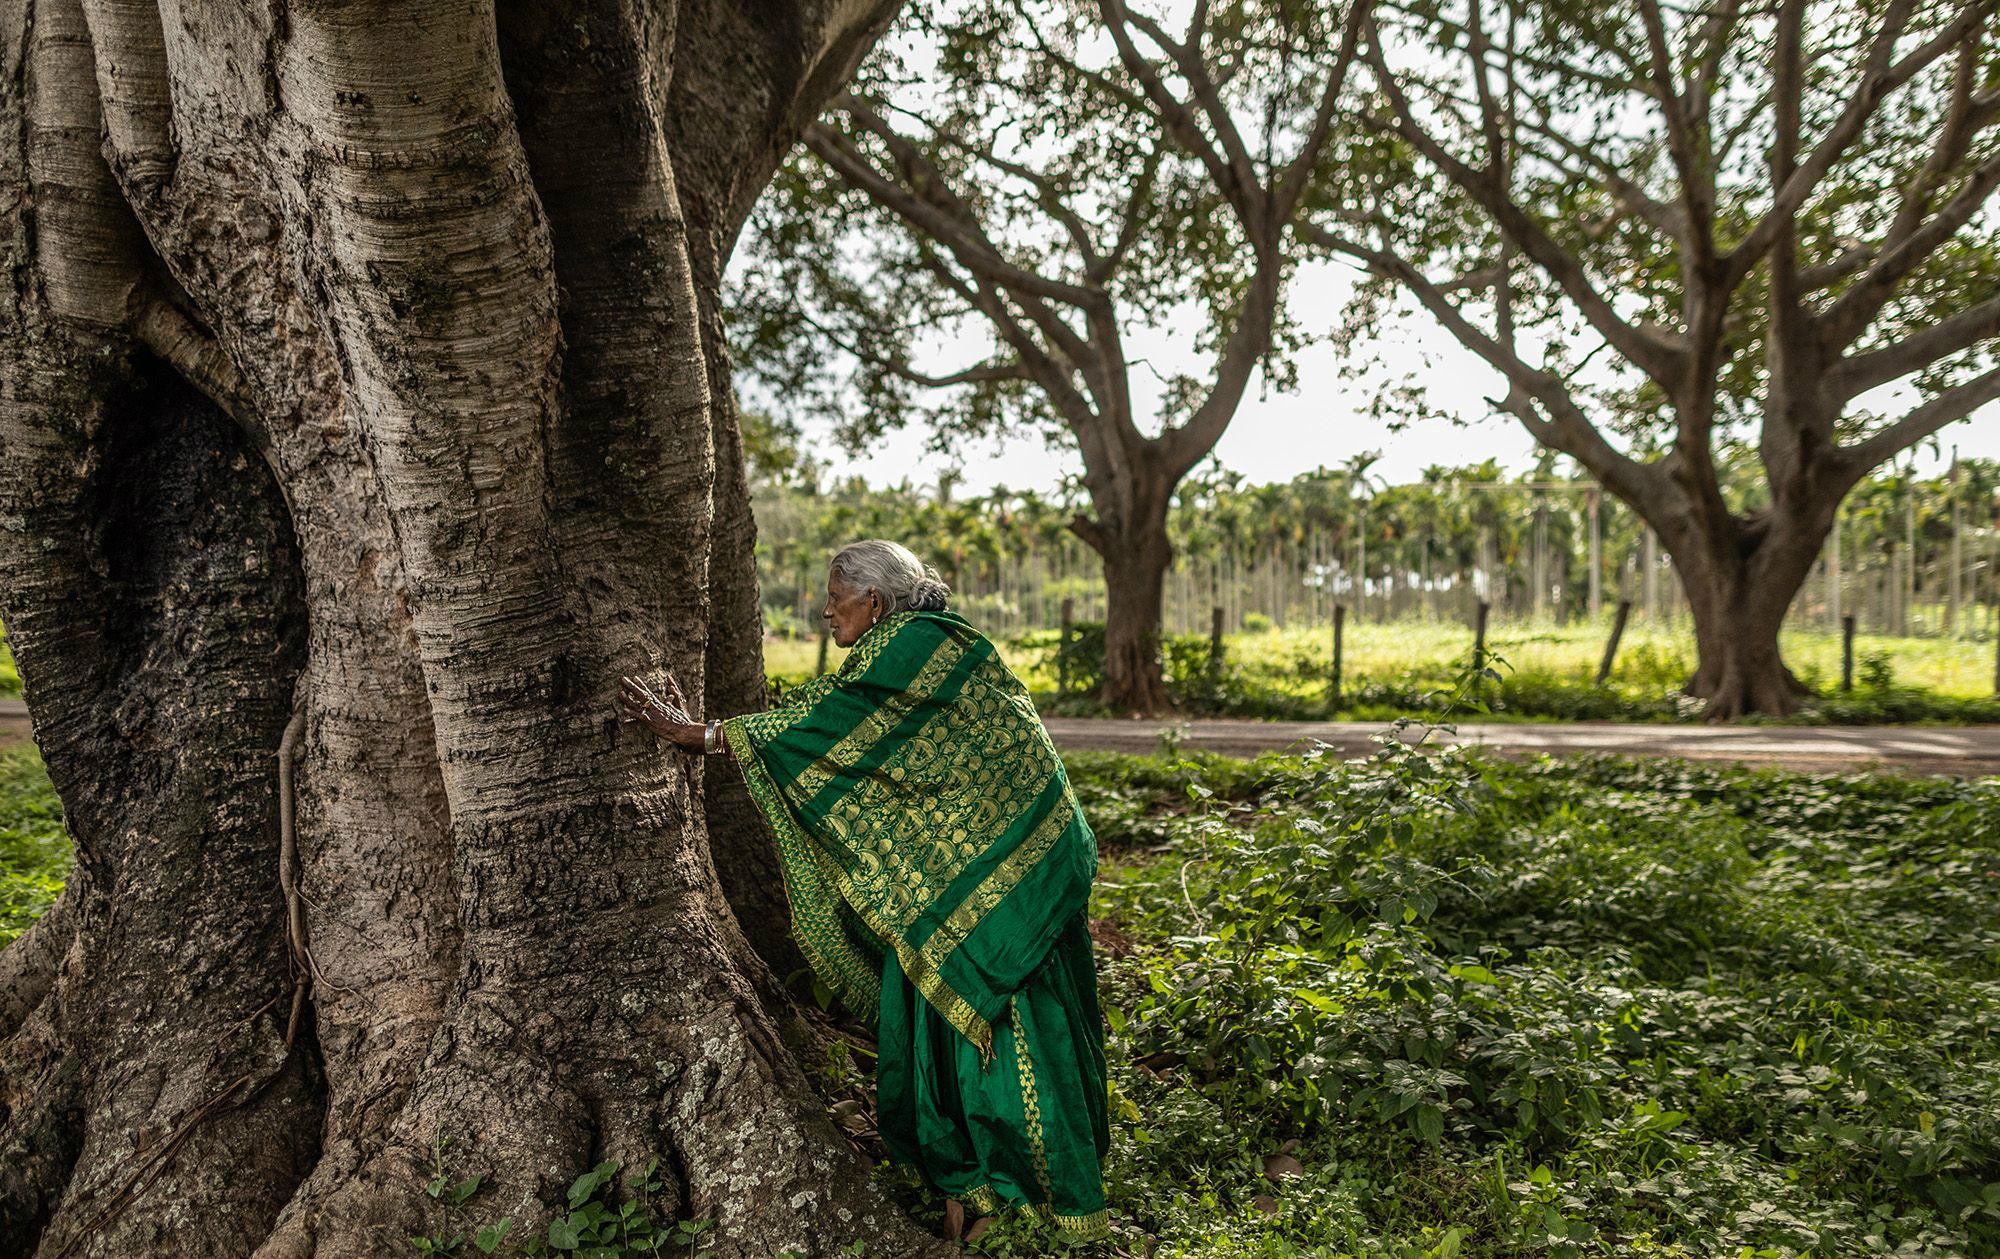 थिमक्का अब तक 8 हजार से ज्यादा पौधों को पालकर उन्हें पेड़ बना चुकी हैं।